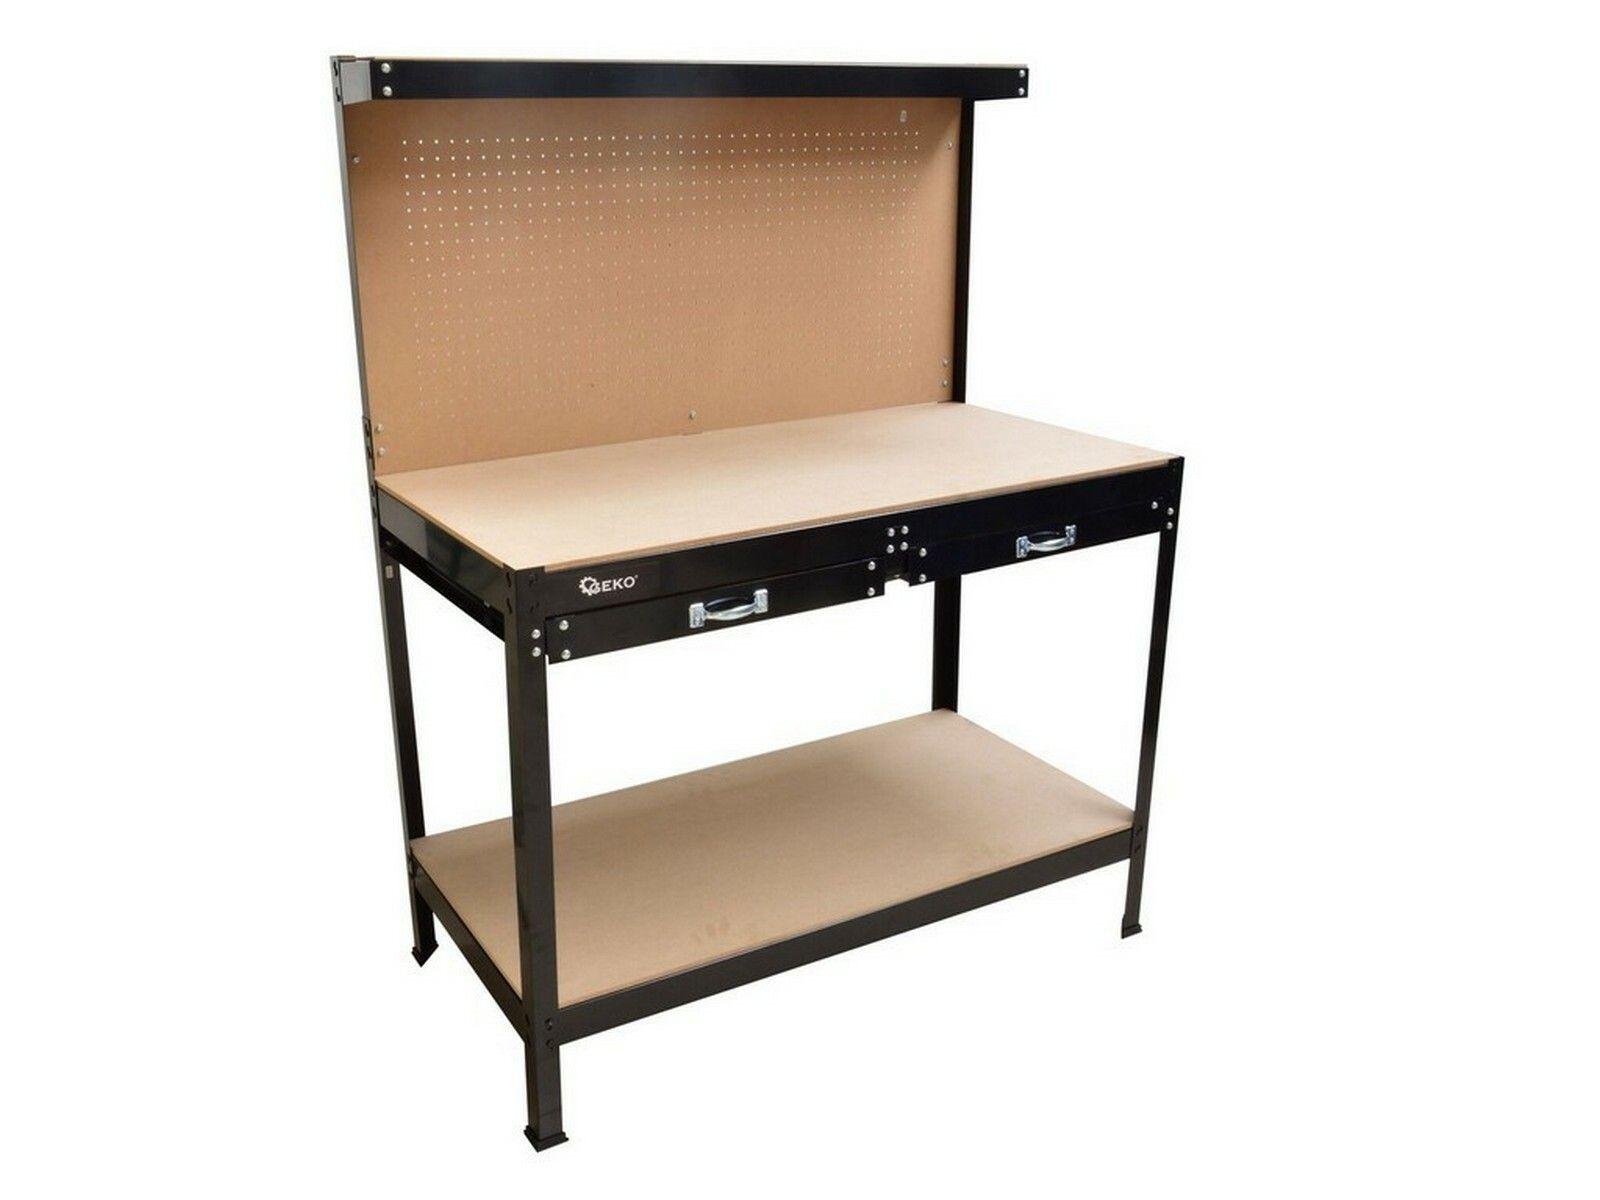 Pracovní stůl, nosnost 100 kg, 2 patra, 1200x600 mm, GEKO